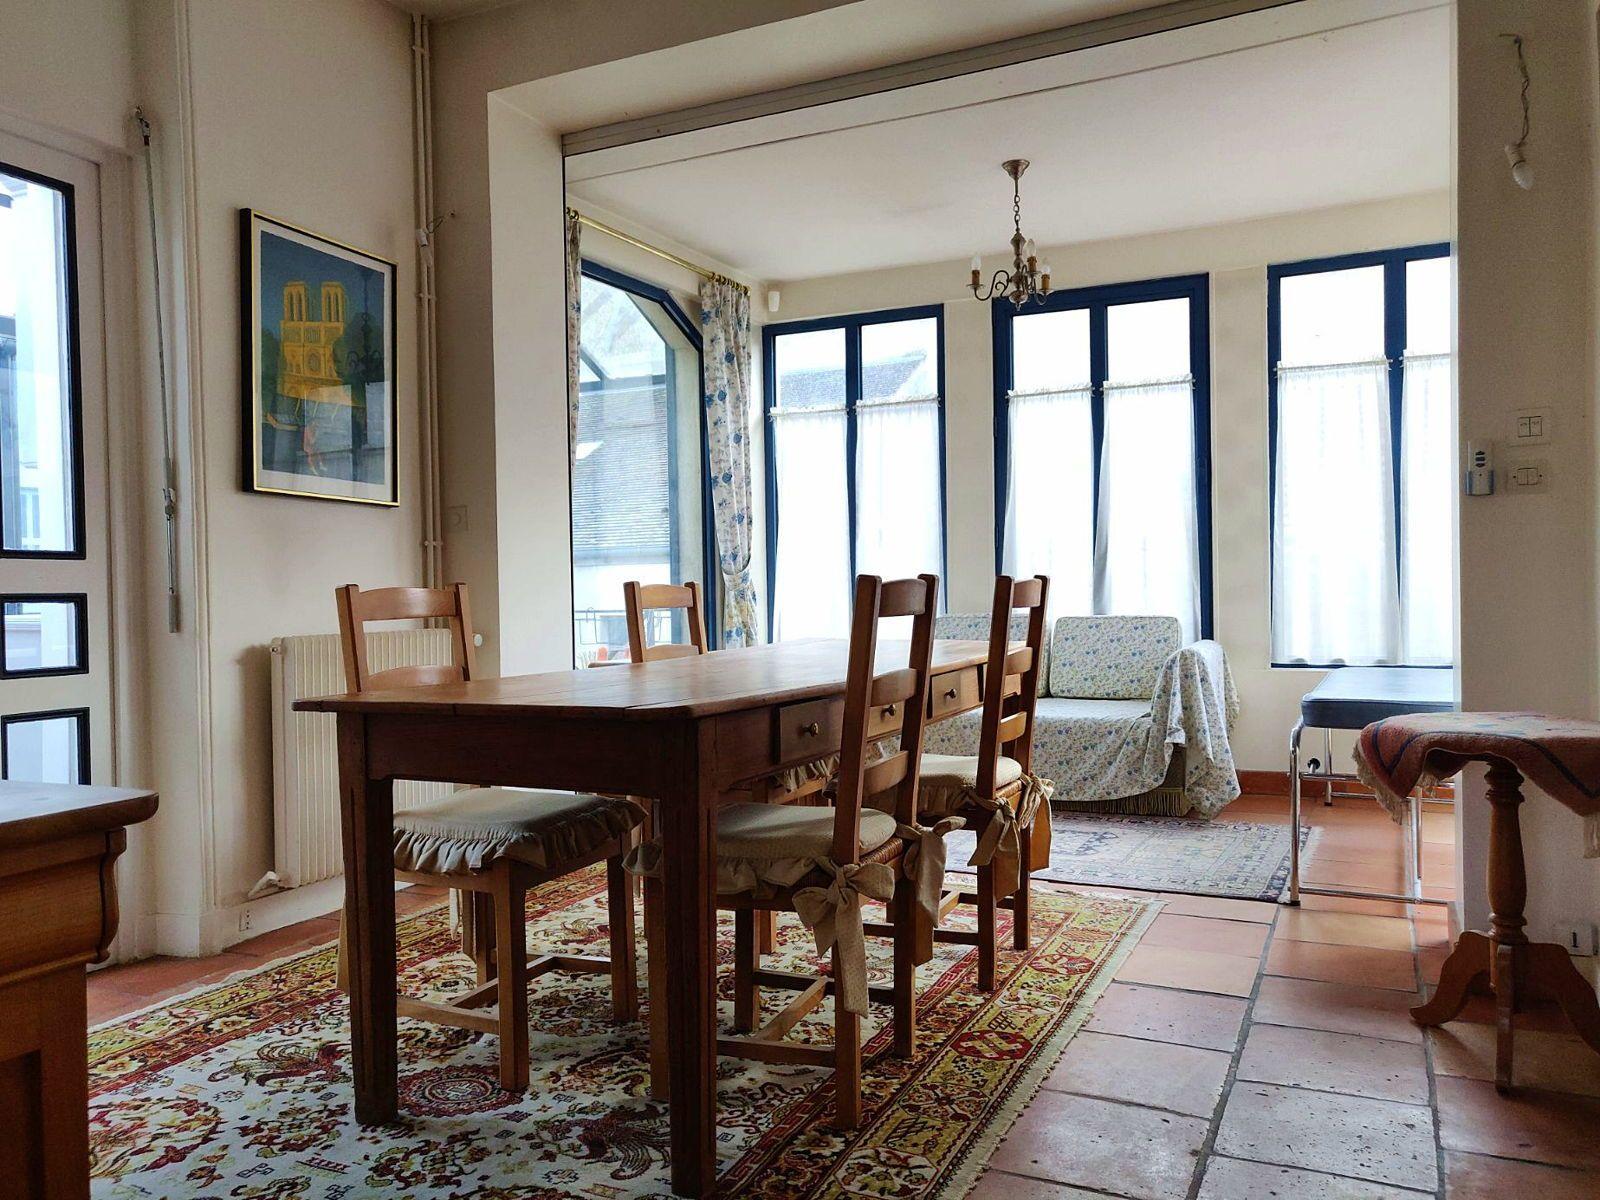 Vends Maison familiale à Chantilly (60) - 180m² - 5chambres